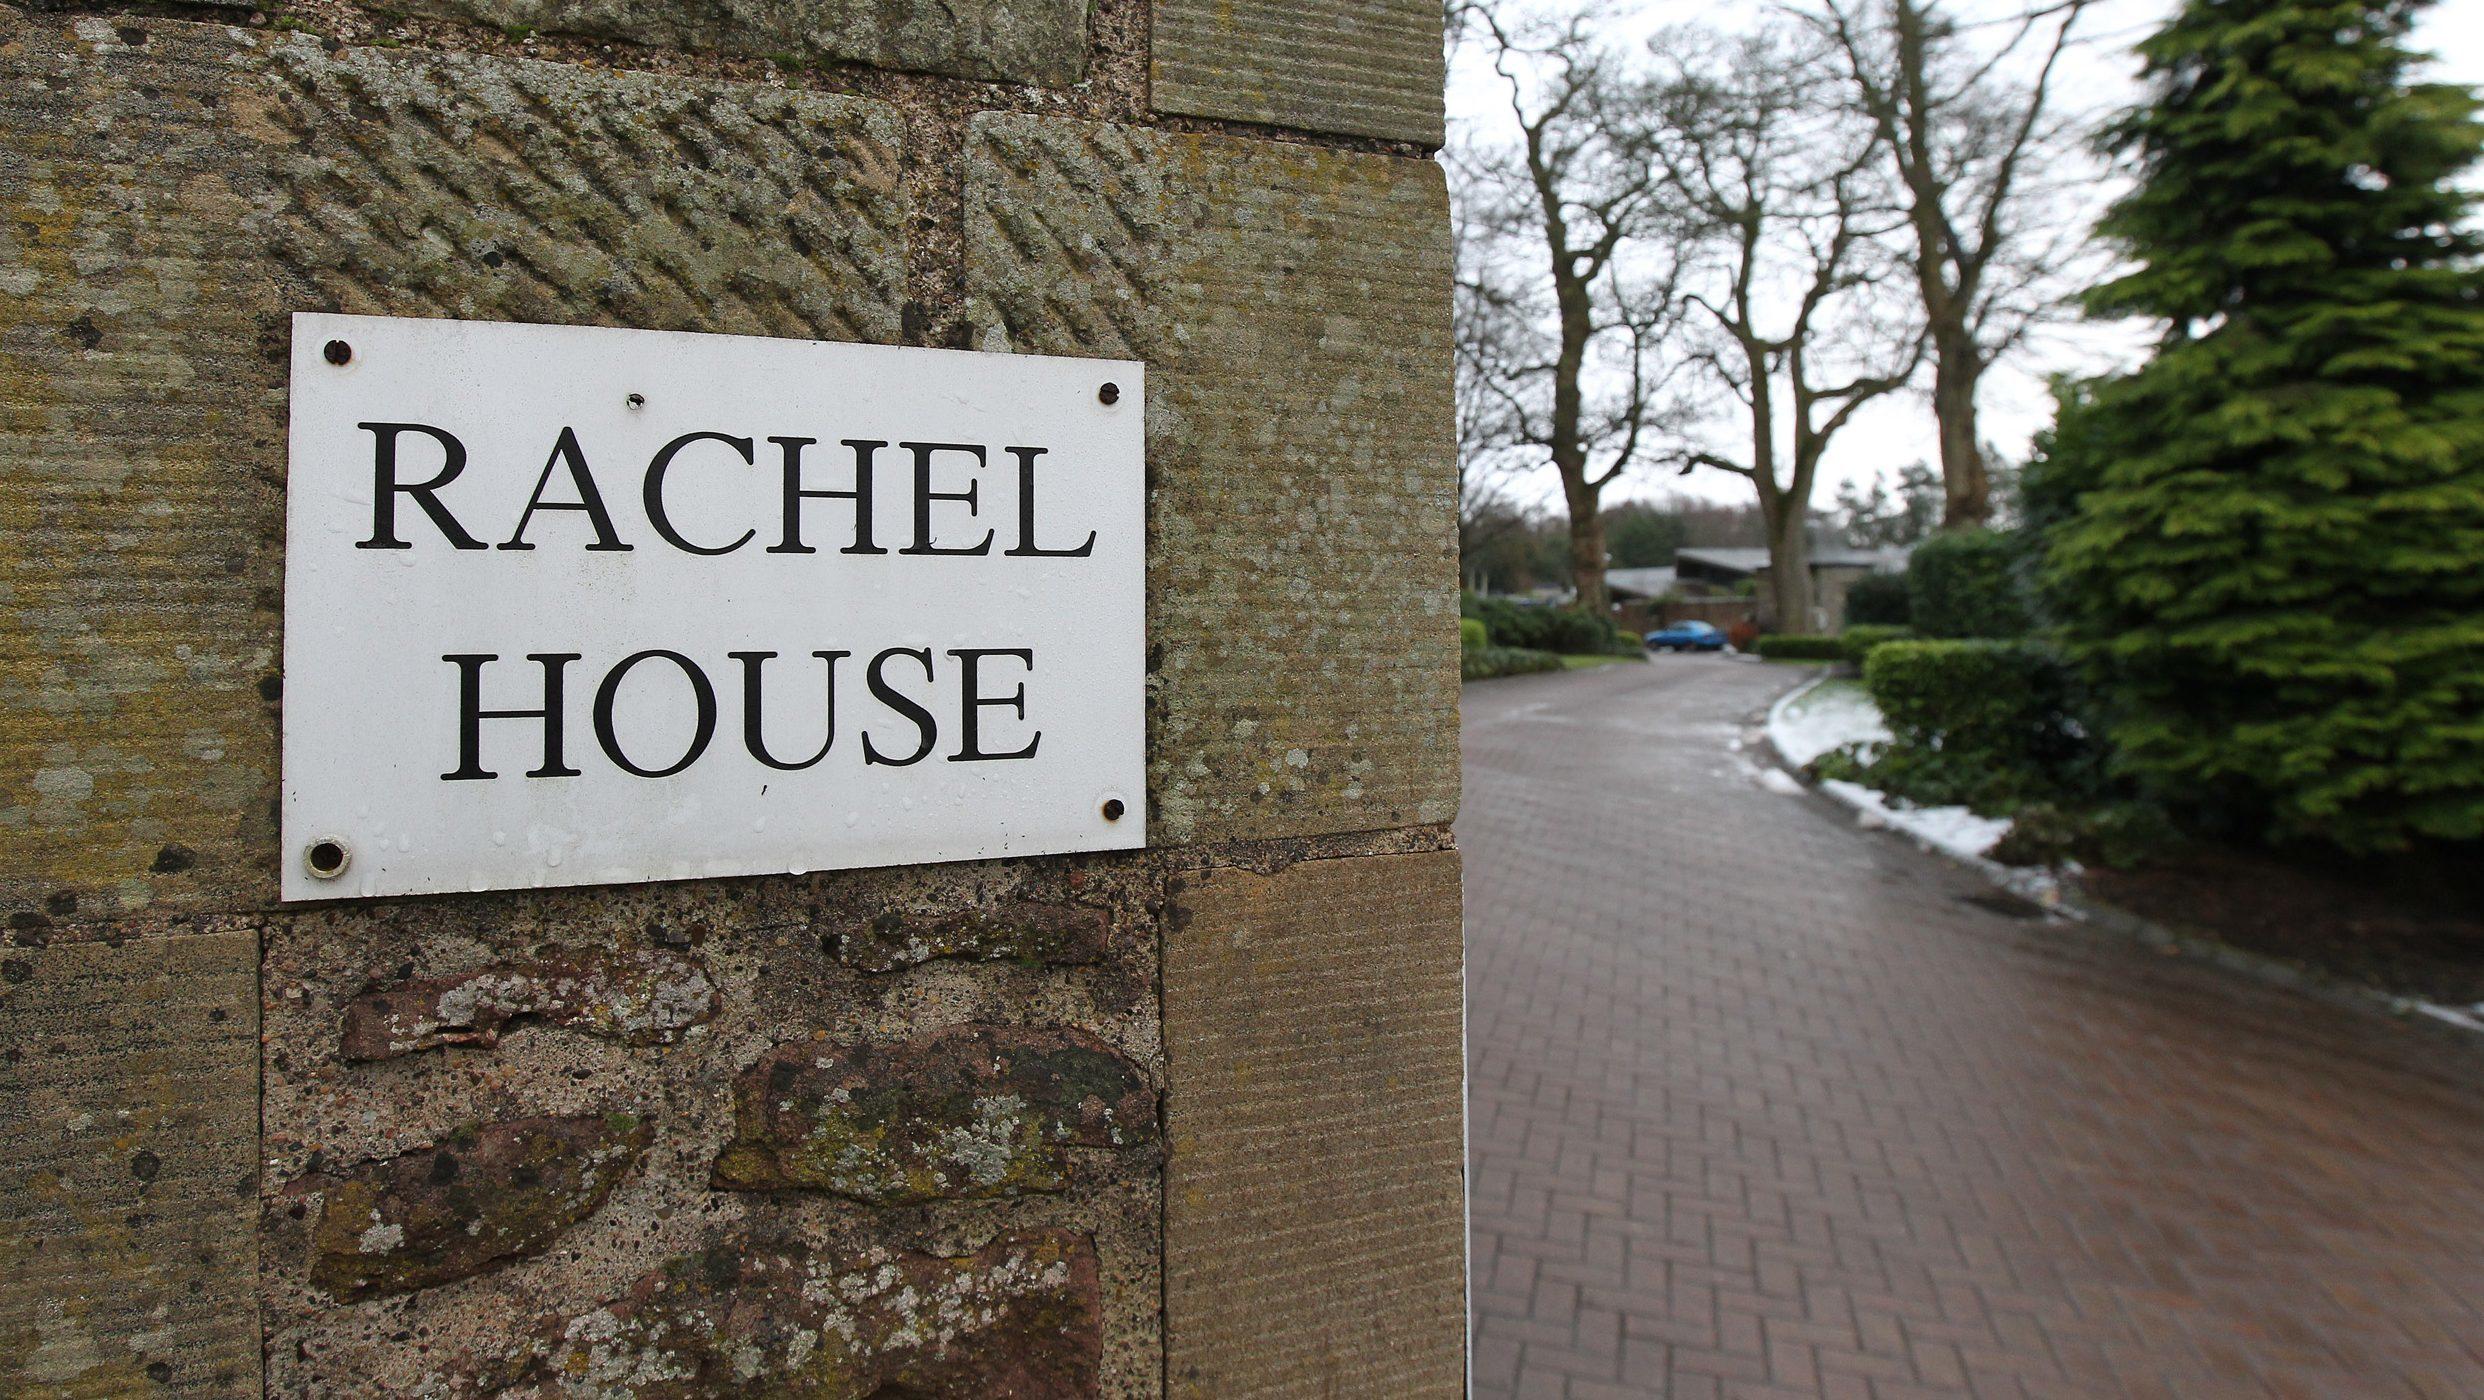 Rachel House in Kinross